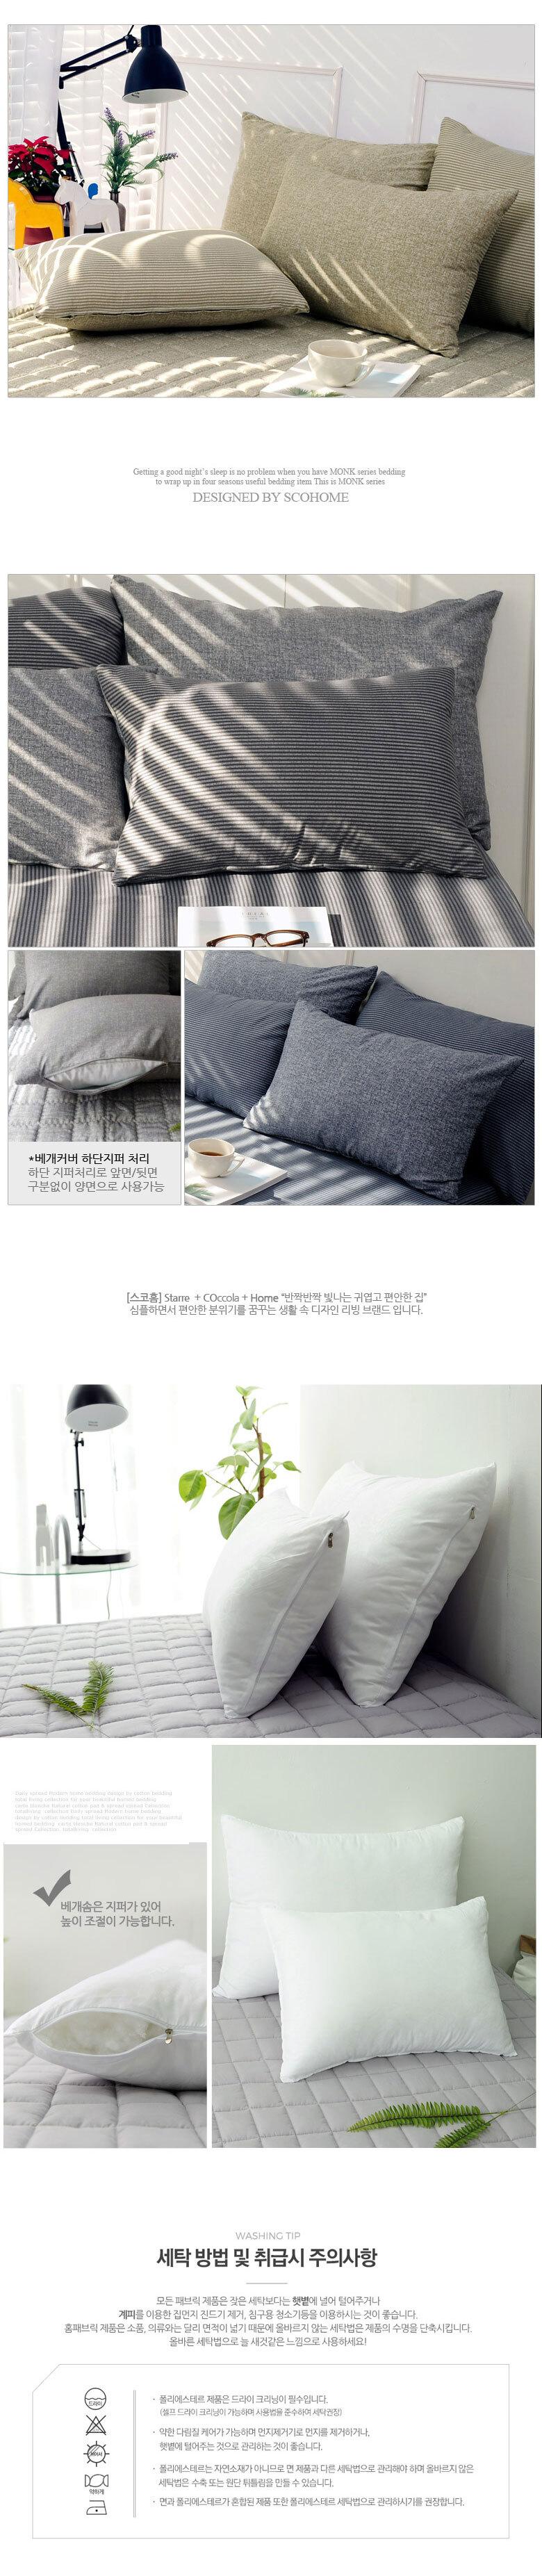 욜로365 베개커버 4*6-1장+베개솜1장 - F&B, 17,900원, 베개, 베개 커버